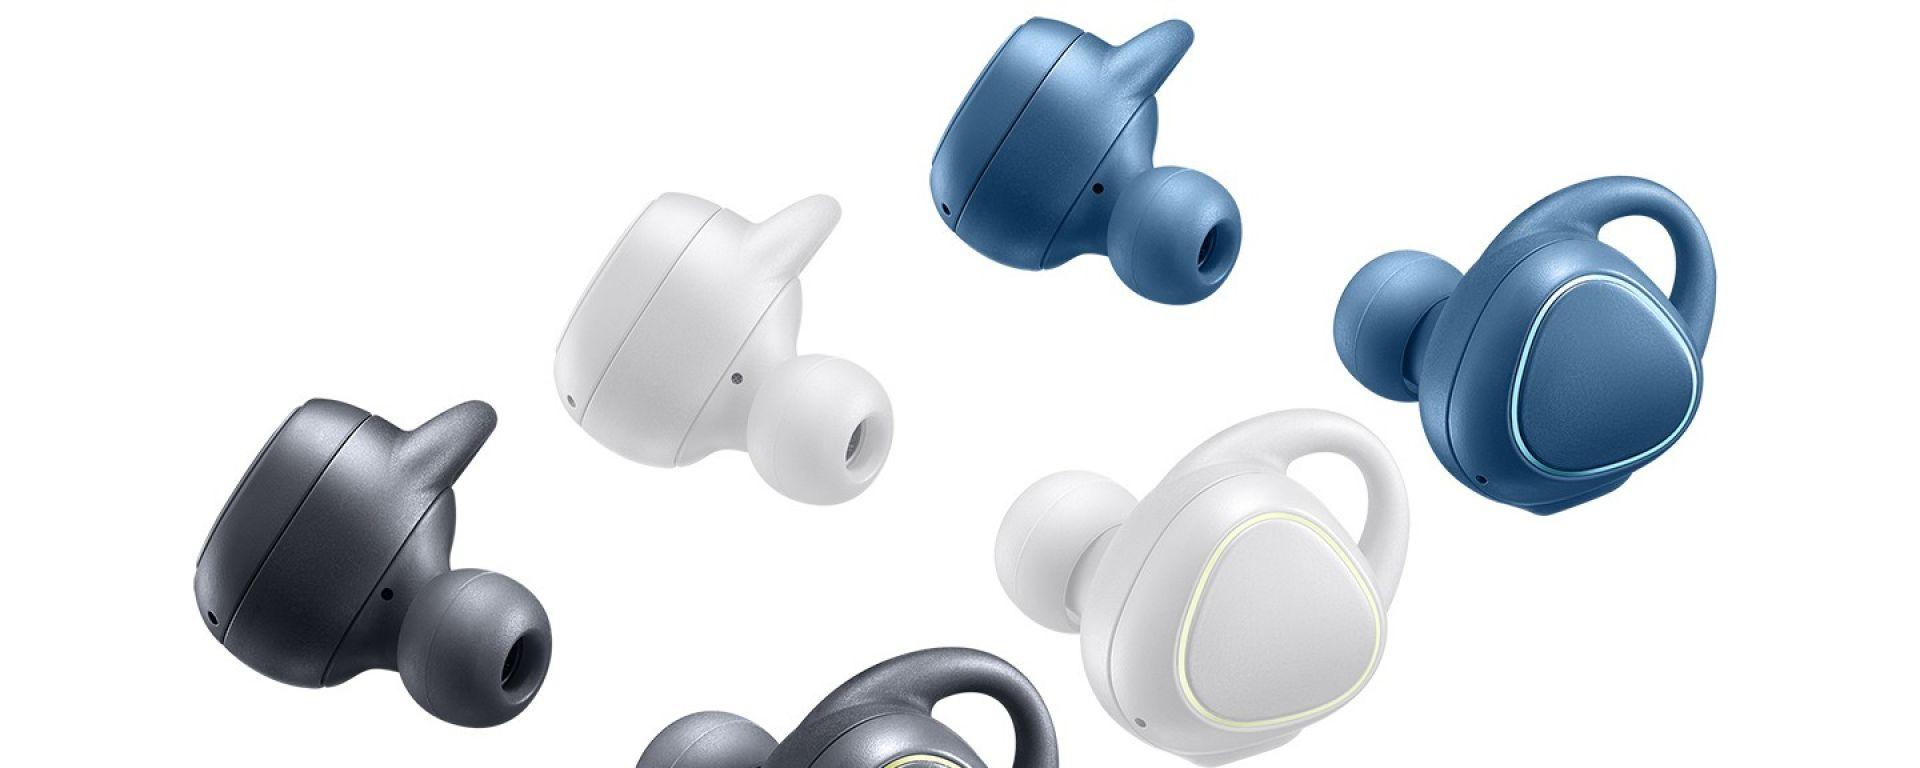 Auricolari Samsung Gear IconX: fitness e guida in sicurezza